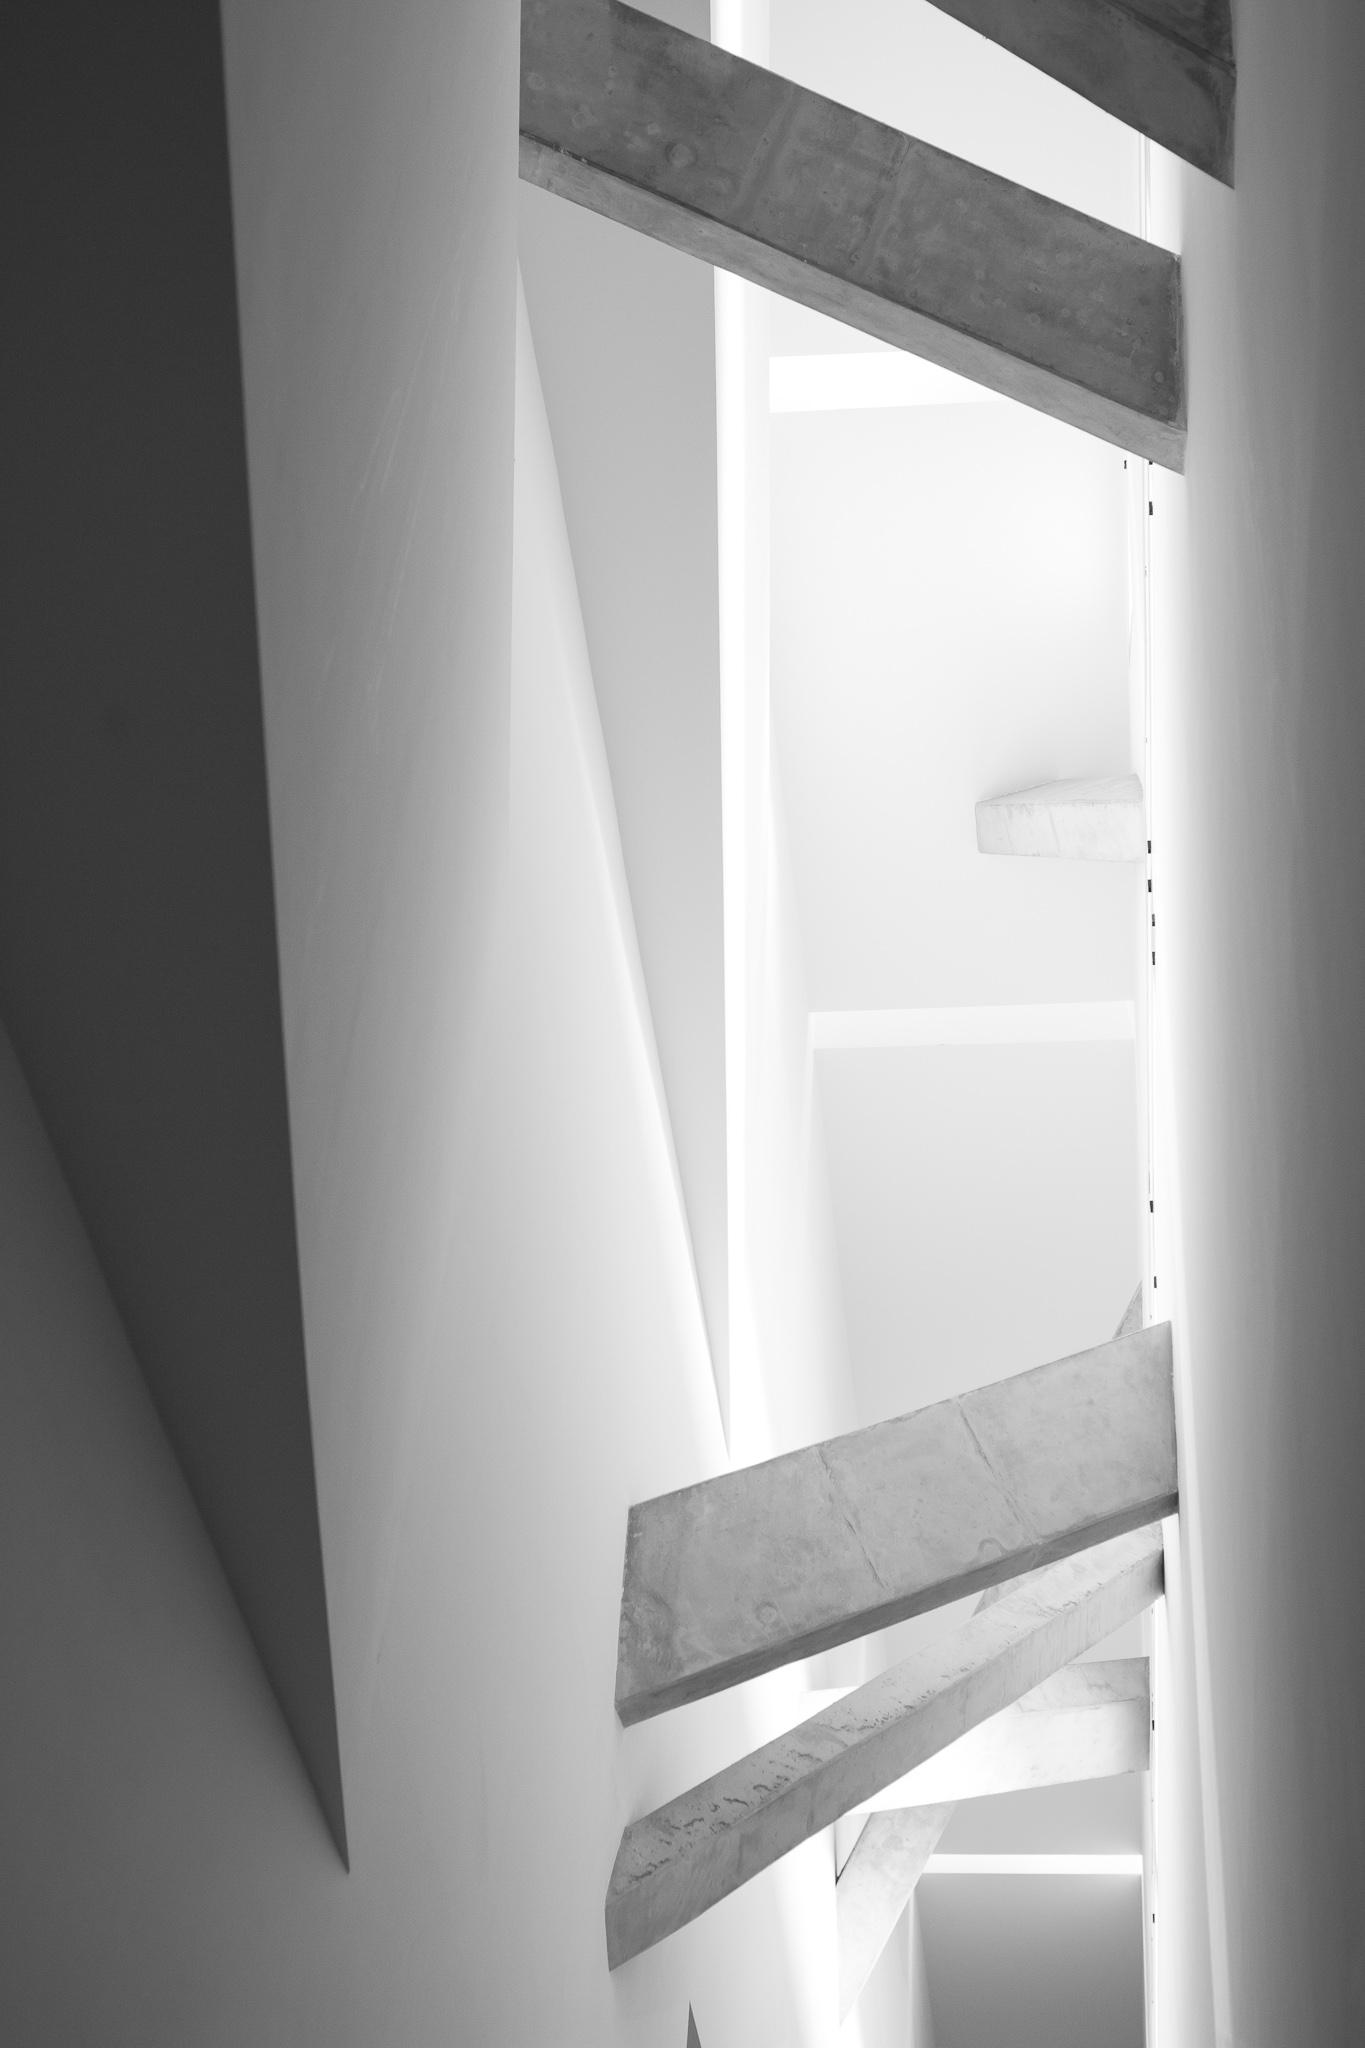 <p>Daniel Libeskind gaña o concurso para o Museo Xudeu de Berlín en 1989, antes de alcanzar a súa popularidade actual. <br><br>O edificio, de formigón e chapa metálica no seu exterior, posúe unha estrutura en forma de raio ou zigzag que representa unha estrela de David deconstruída. Consta dun eixo de continuidade do que parte a escaleira central, iluminada principalmente pola luz natural que entra polas pequenas gretas do teito, e que continúa coa liña do edificio.